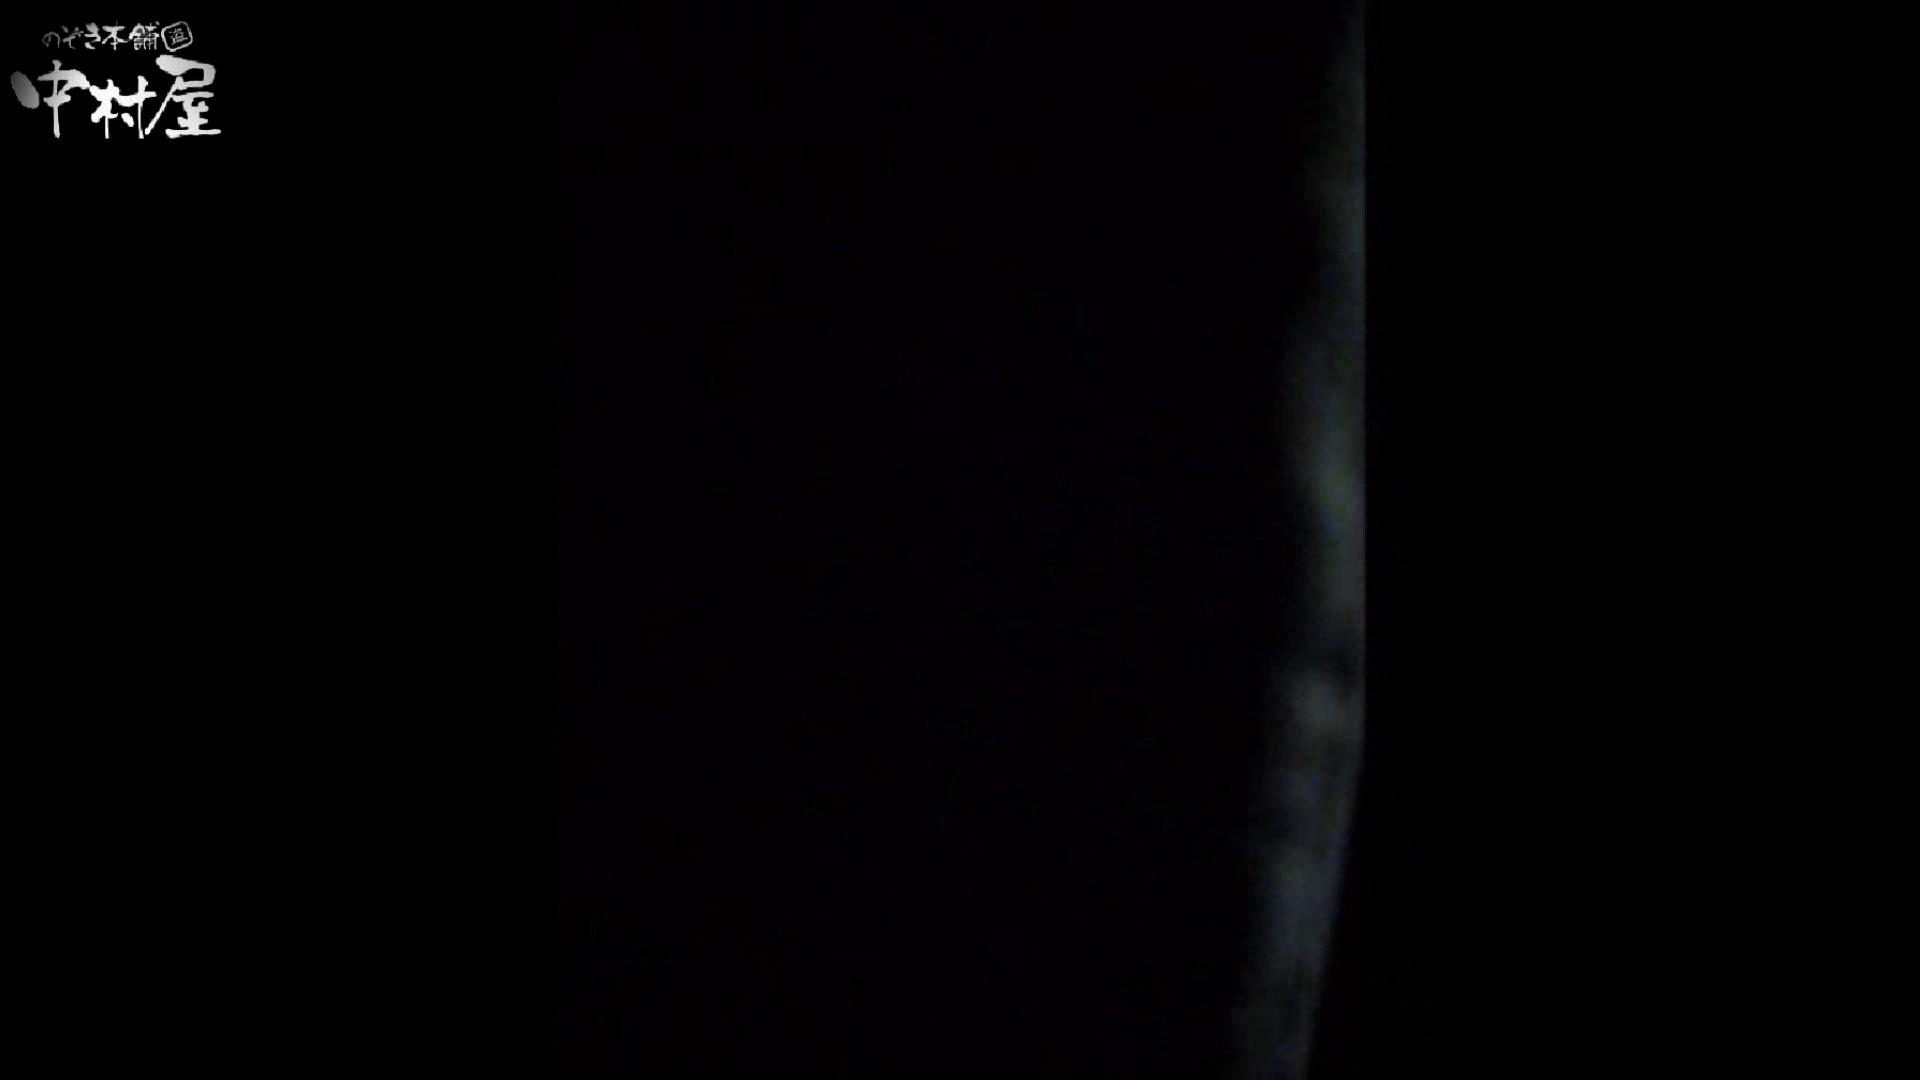 民家風呂専門盗撮師の超危険映像 vol.006 OLのエロ生活 覗きおまんこ画像 109連発 20